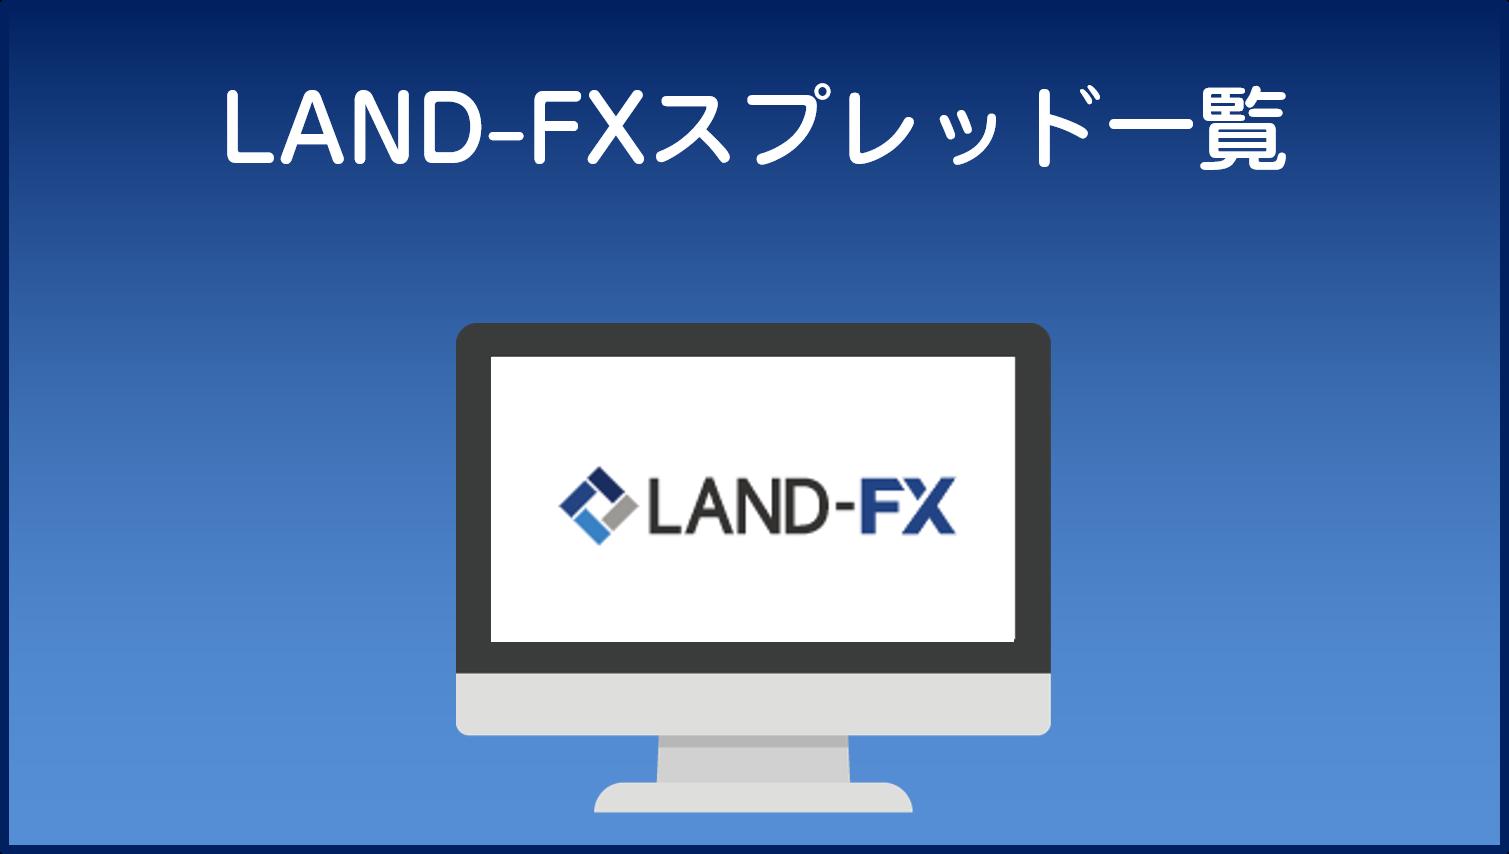 LAND-FXスプレッド一覧